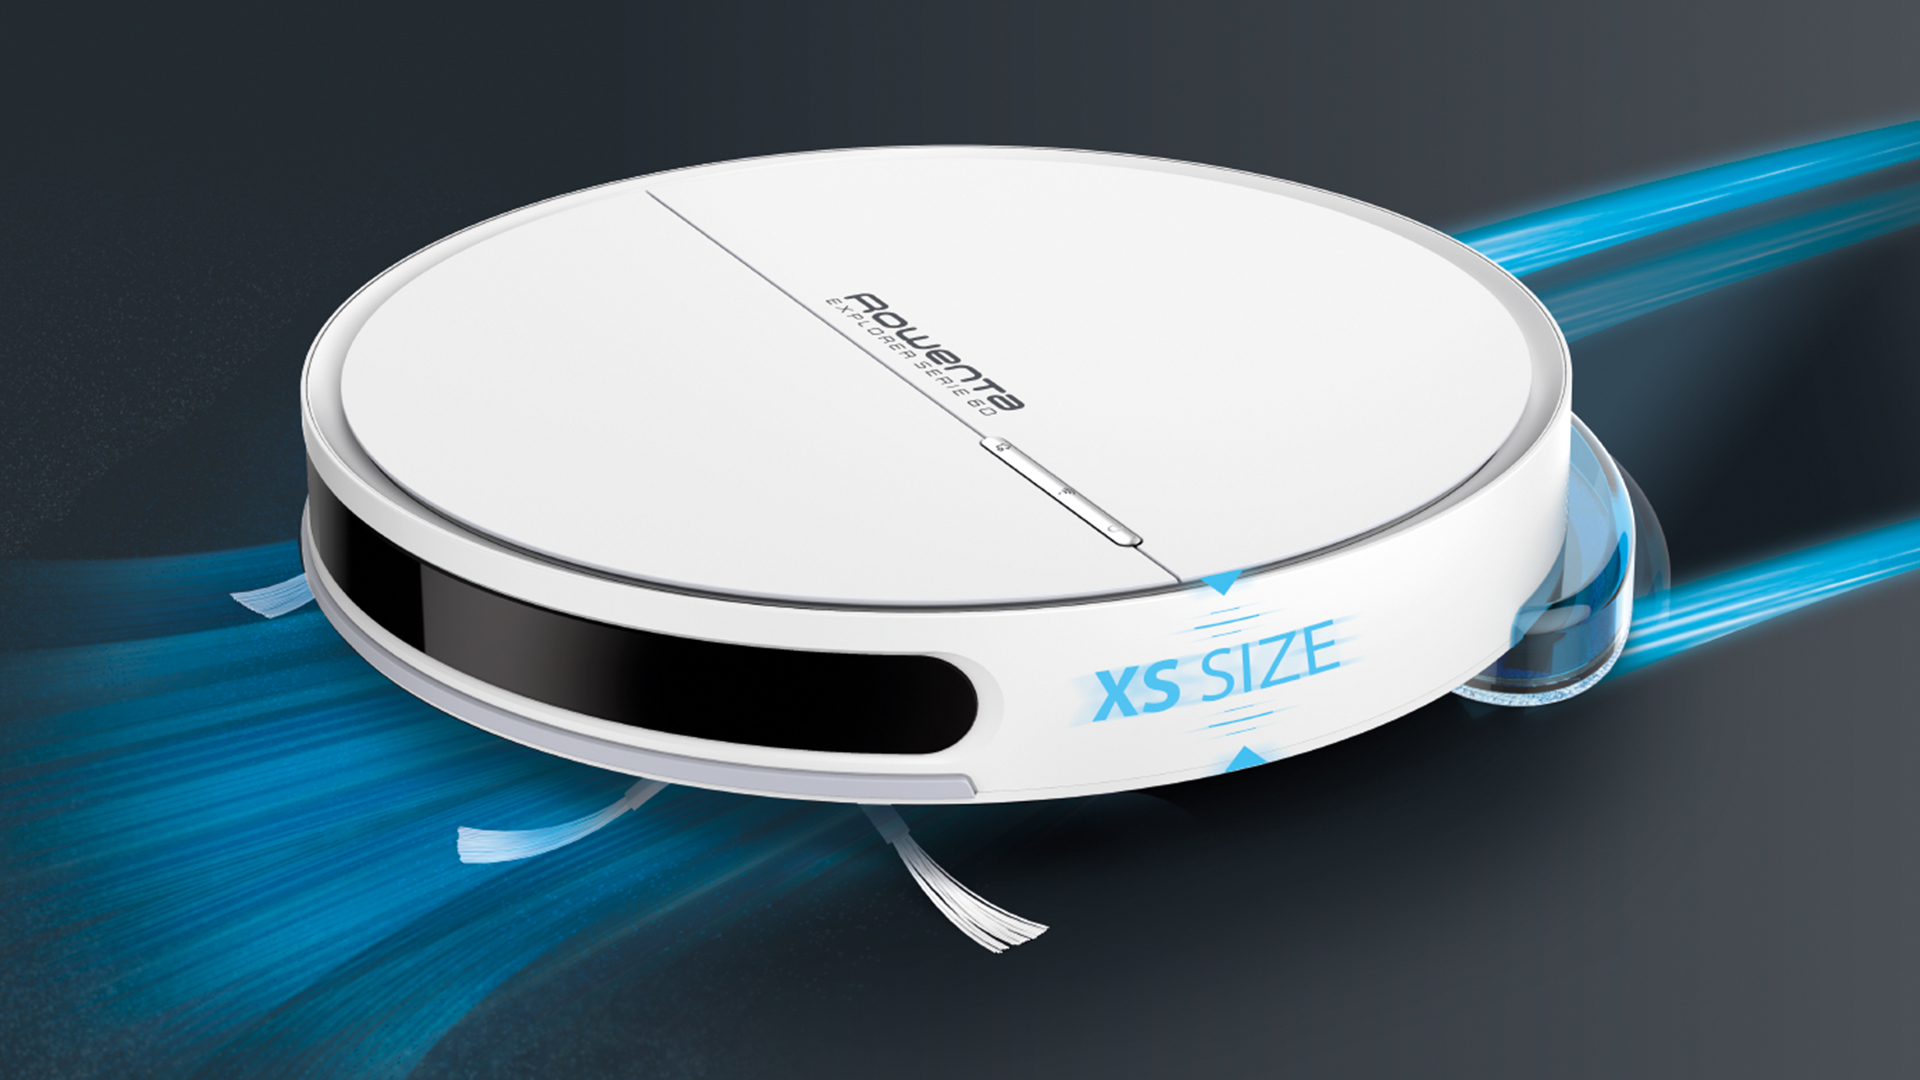 X-plorer Serie 60 XS size